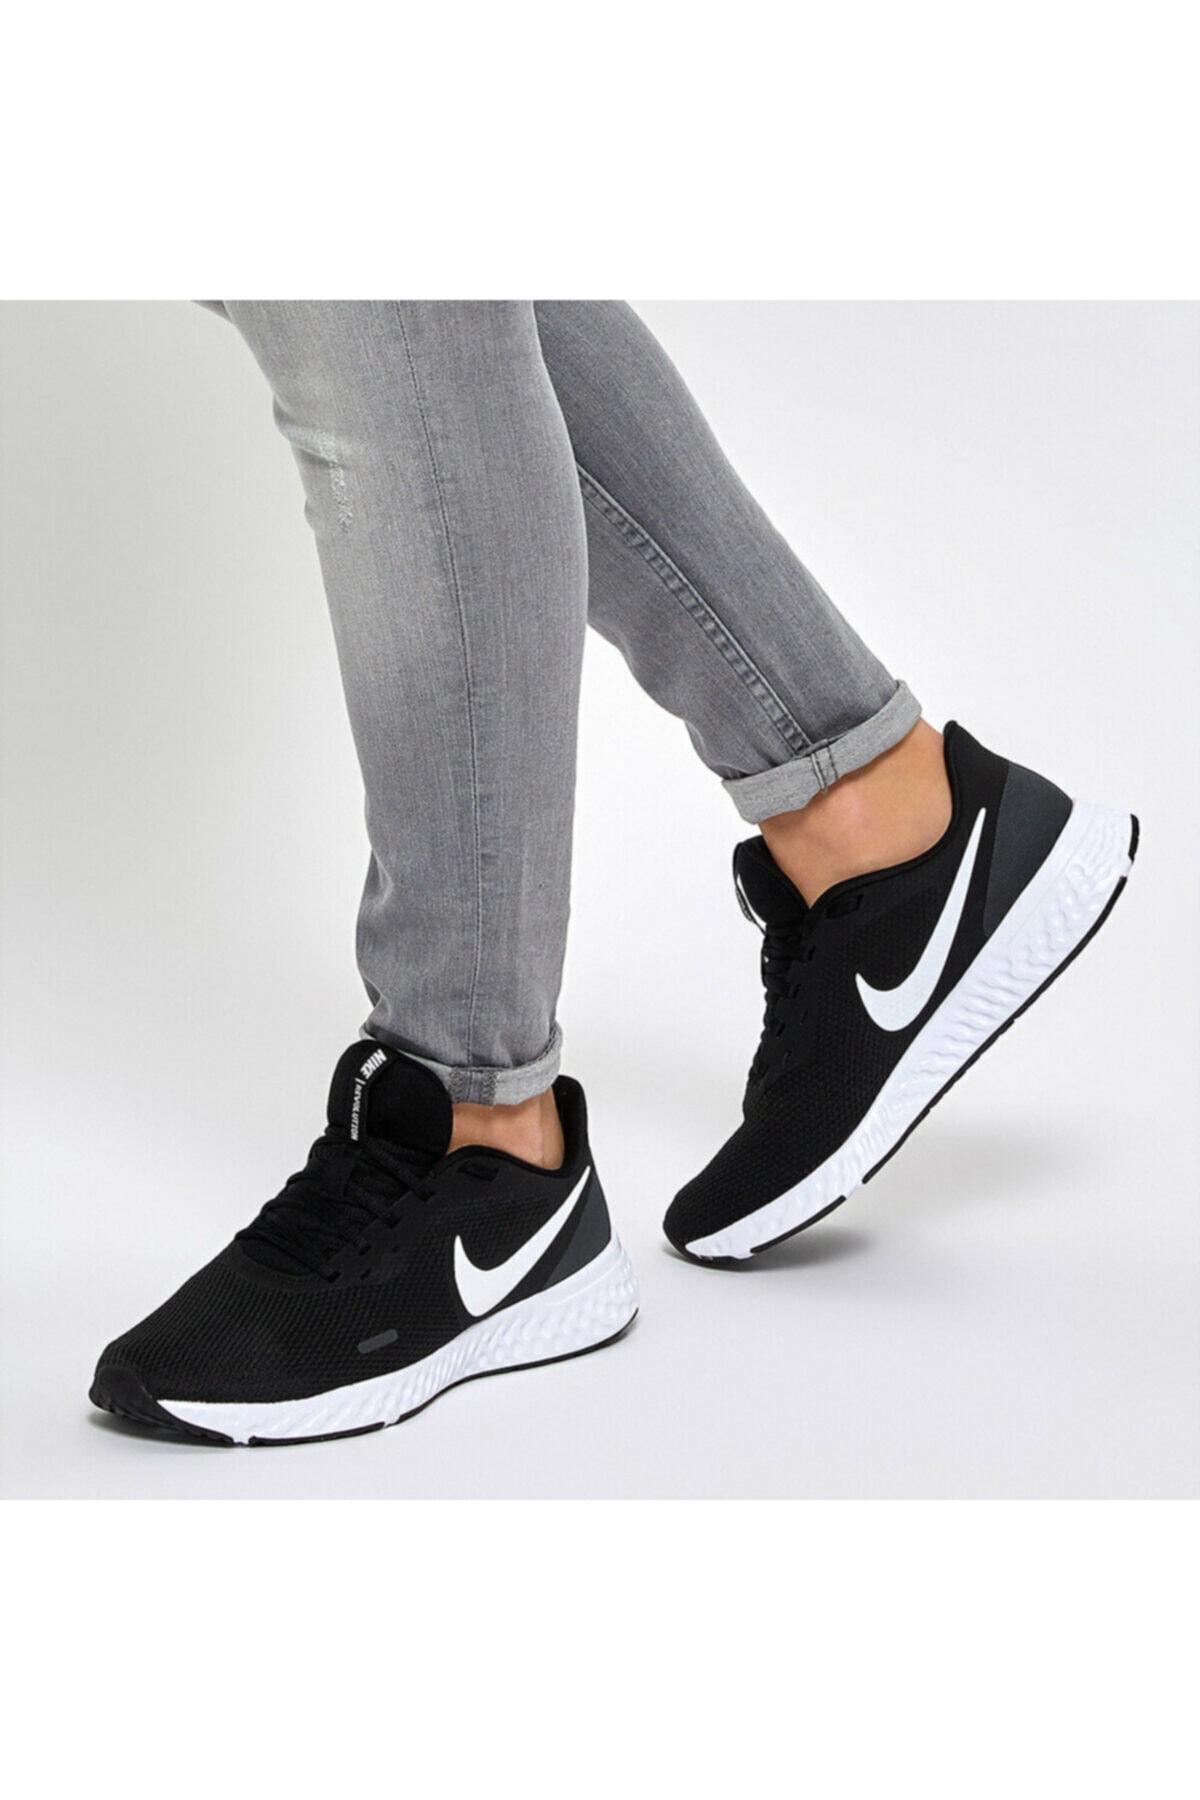 Nike Revolutıon 5 Erkek Yürüyüş Koşu Ayakkabı Bq3204-002 1